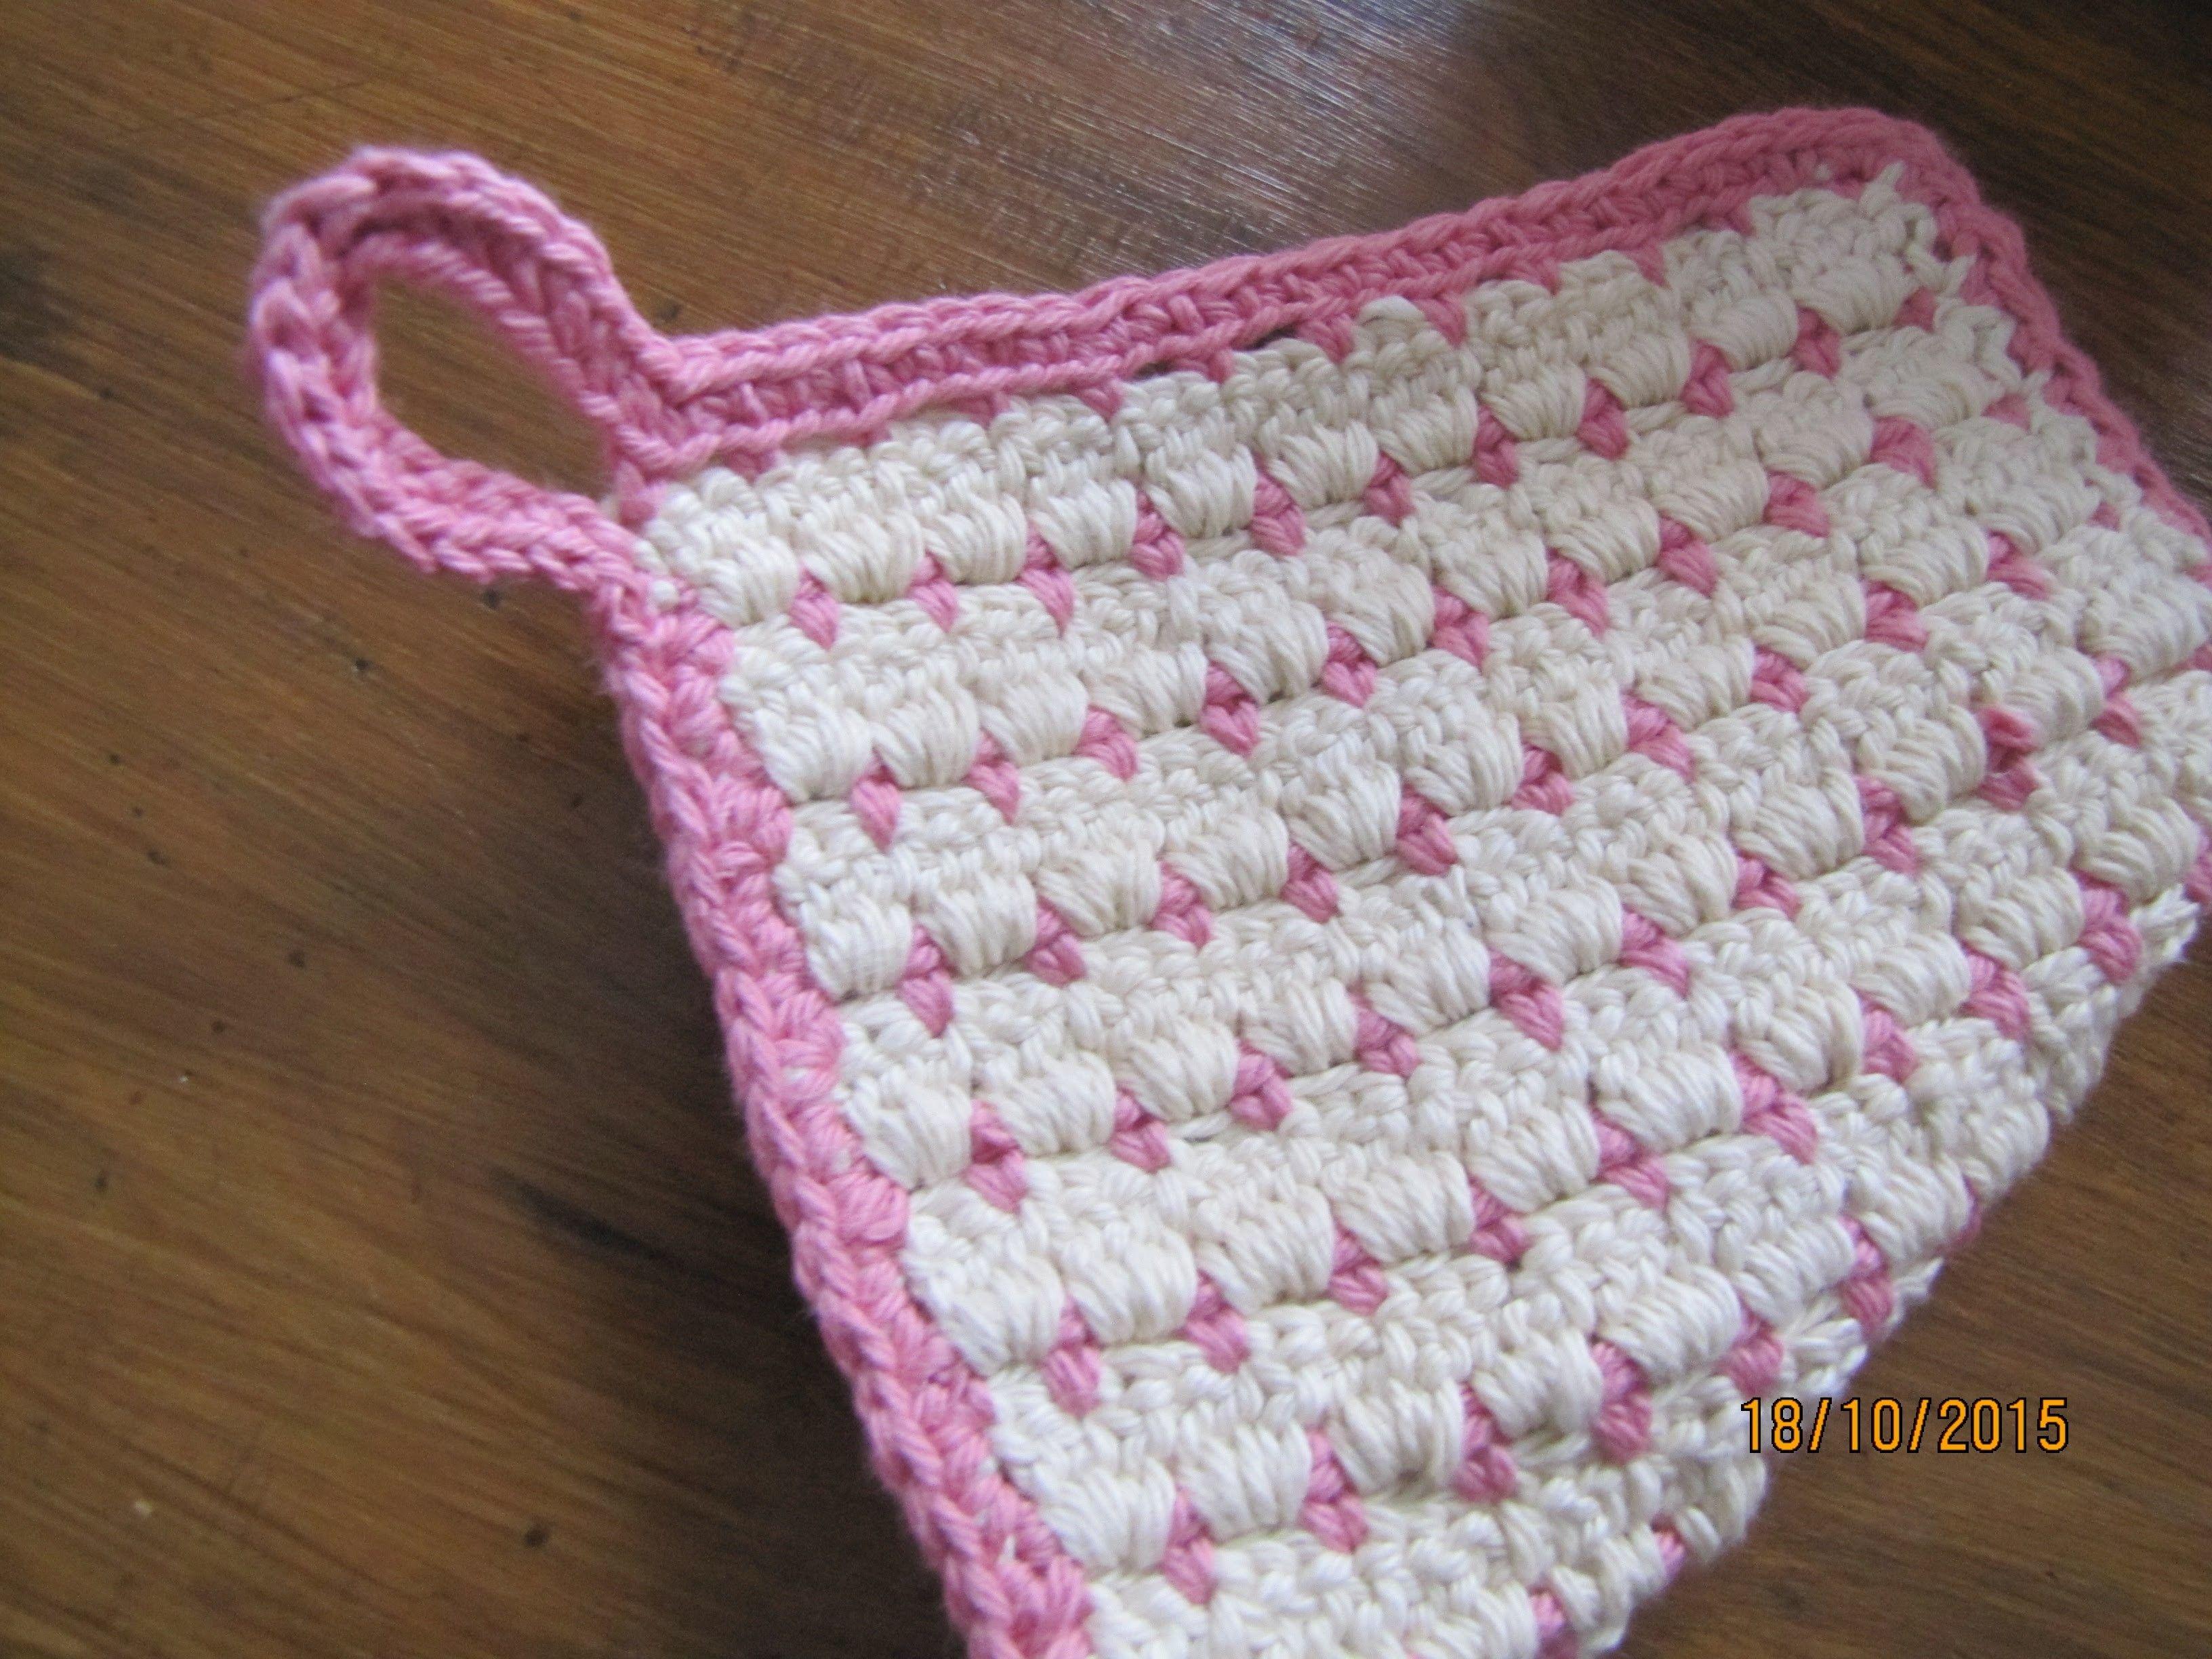 Topflappen häkeln - zweifarbig - Anleitung DIY   Crochet, Crochet ...